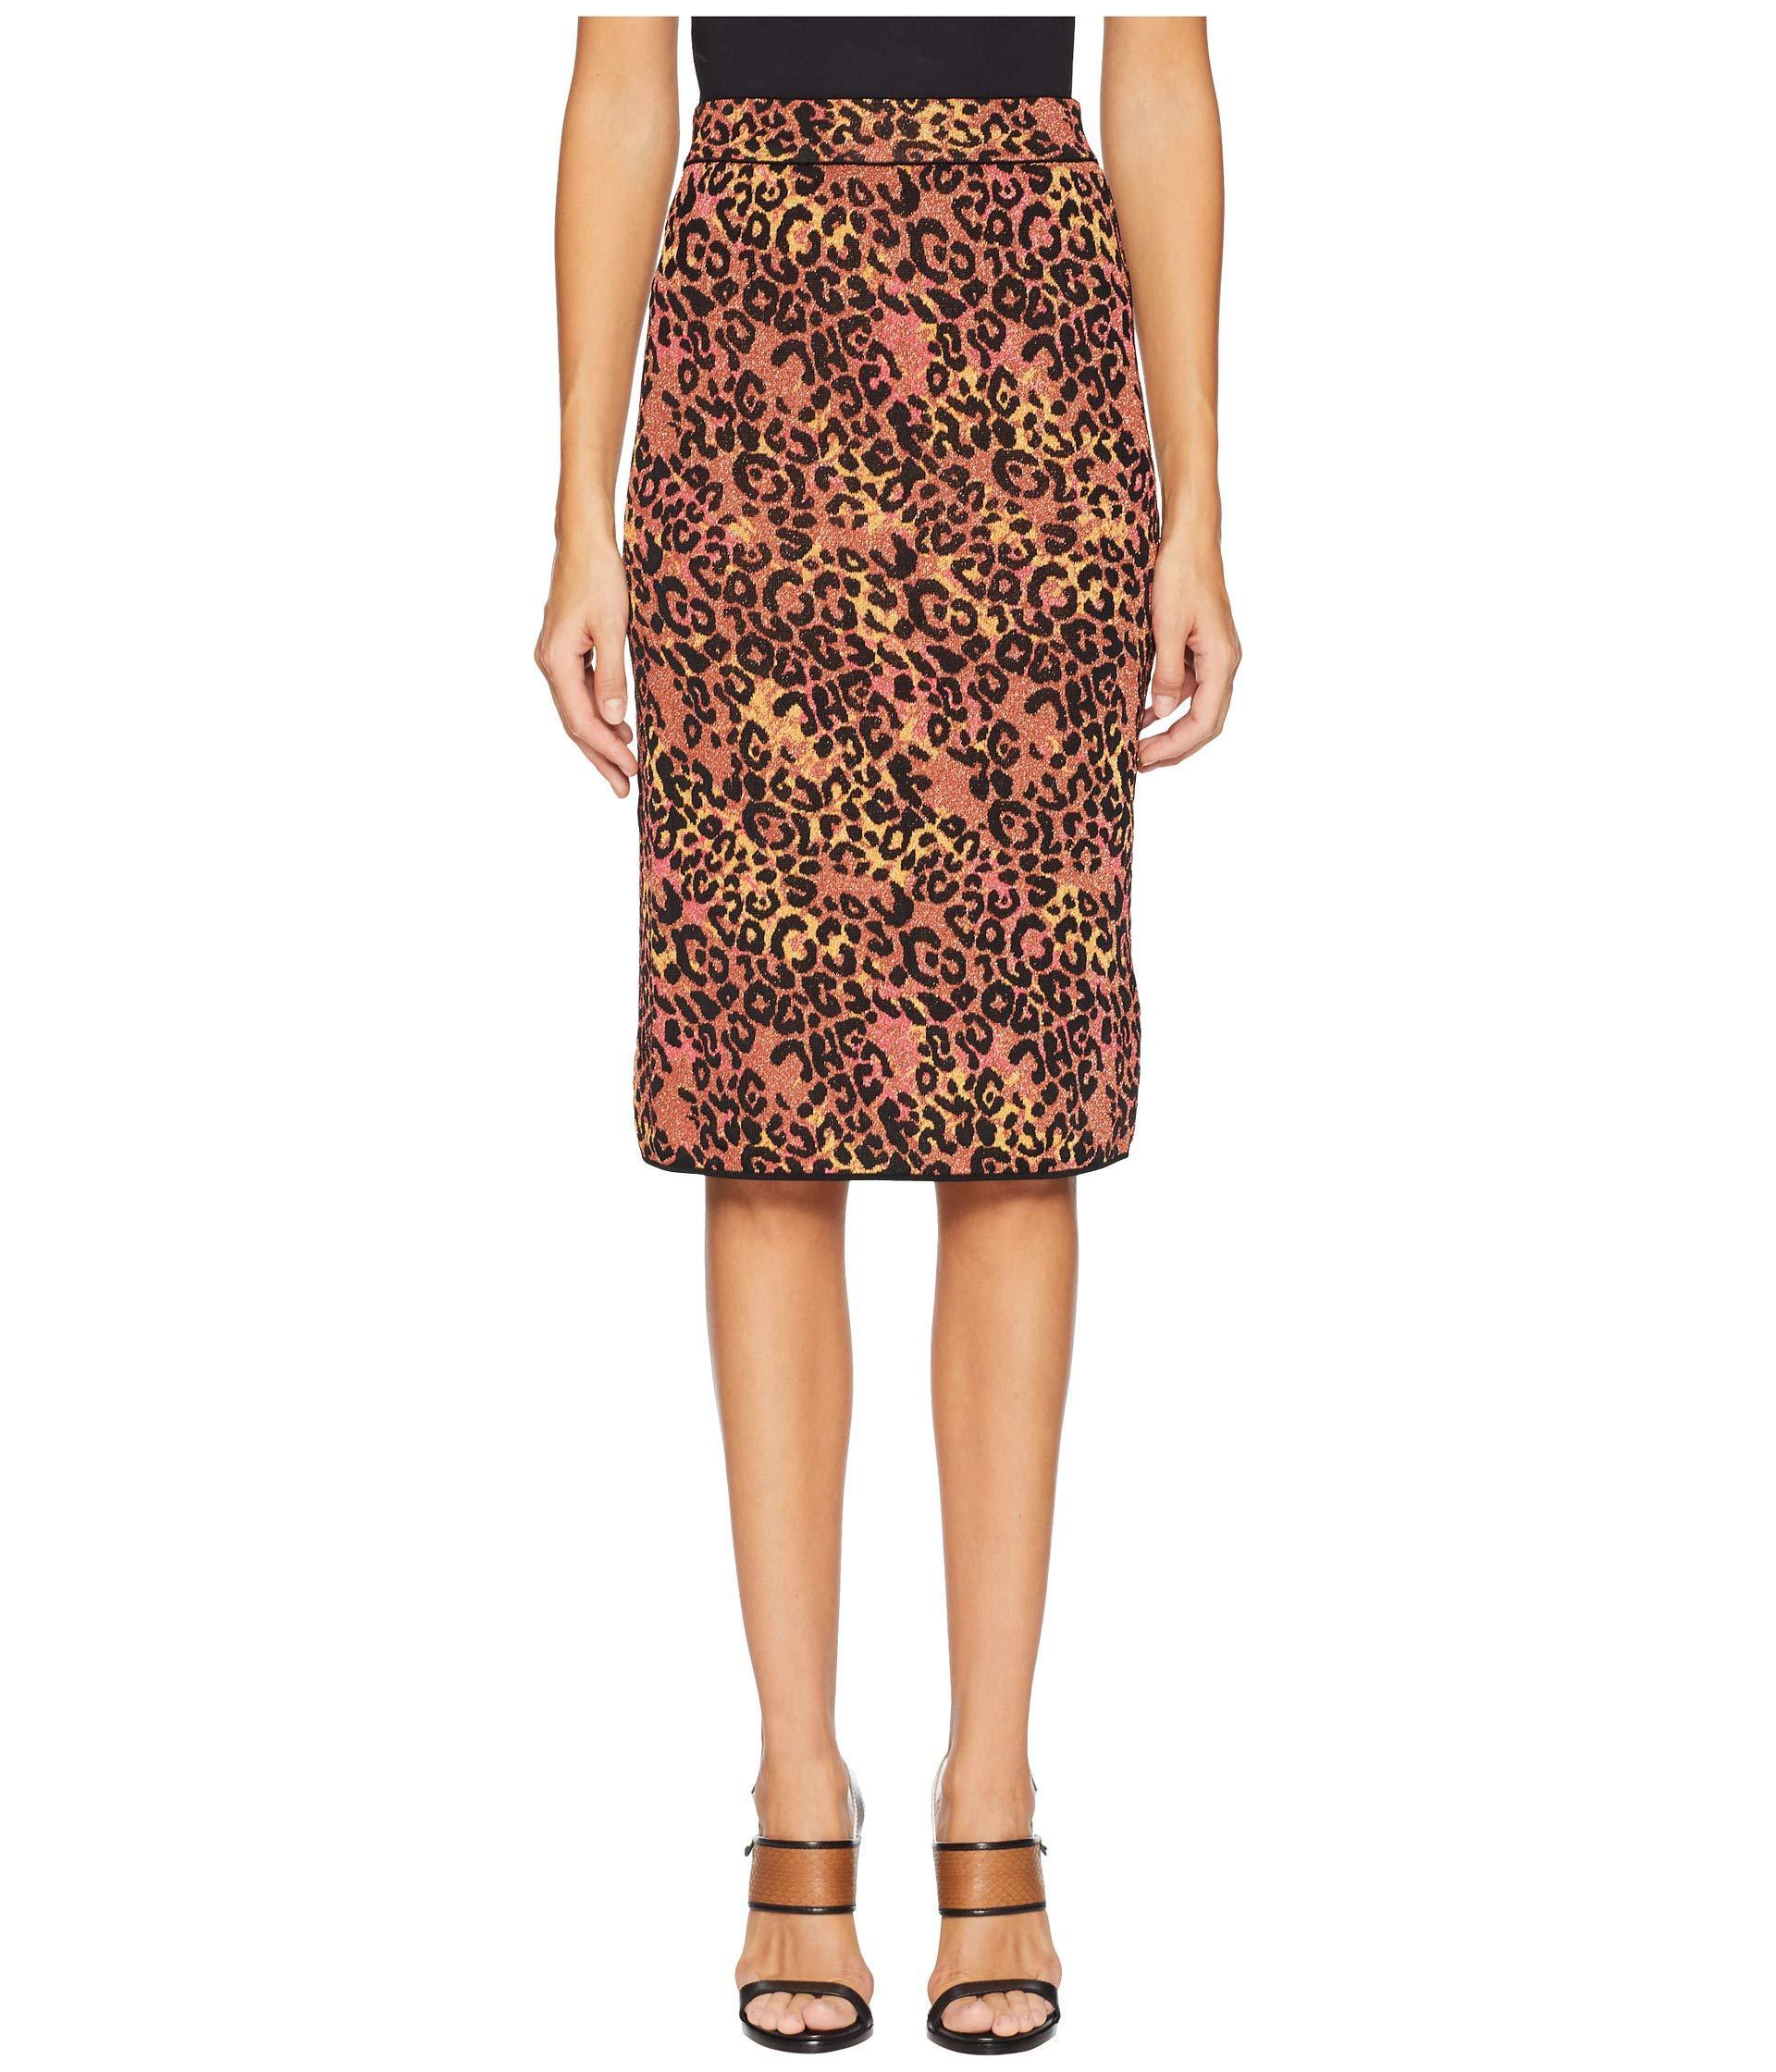 66af747da12422 Lyst - M Missoni Animal Lurex Skirt (brown) Women s Skirt in Brown